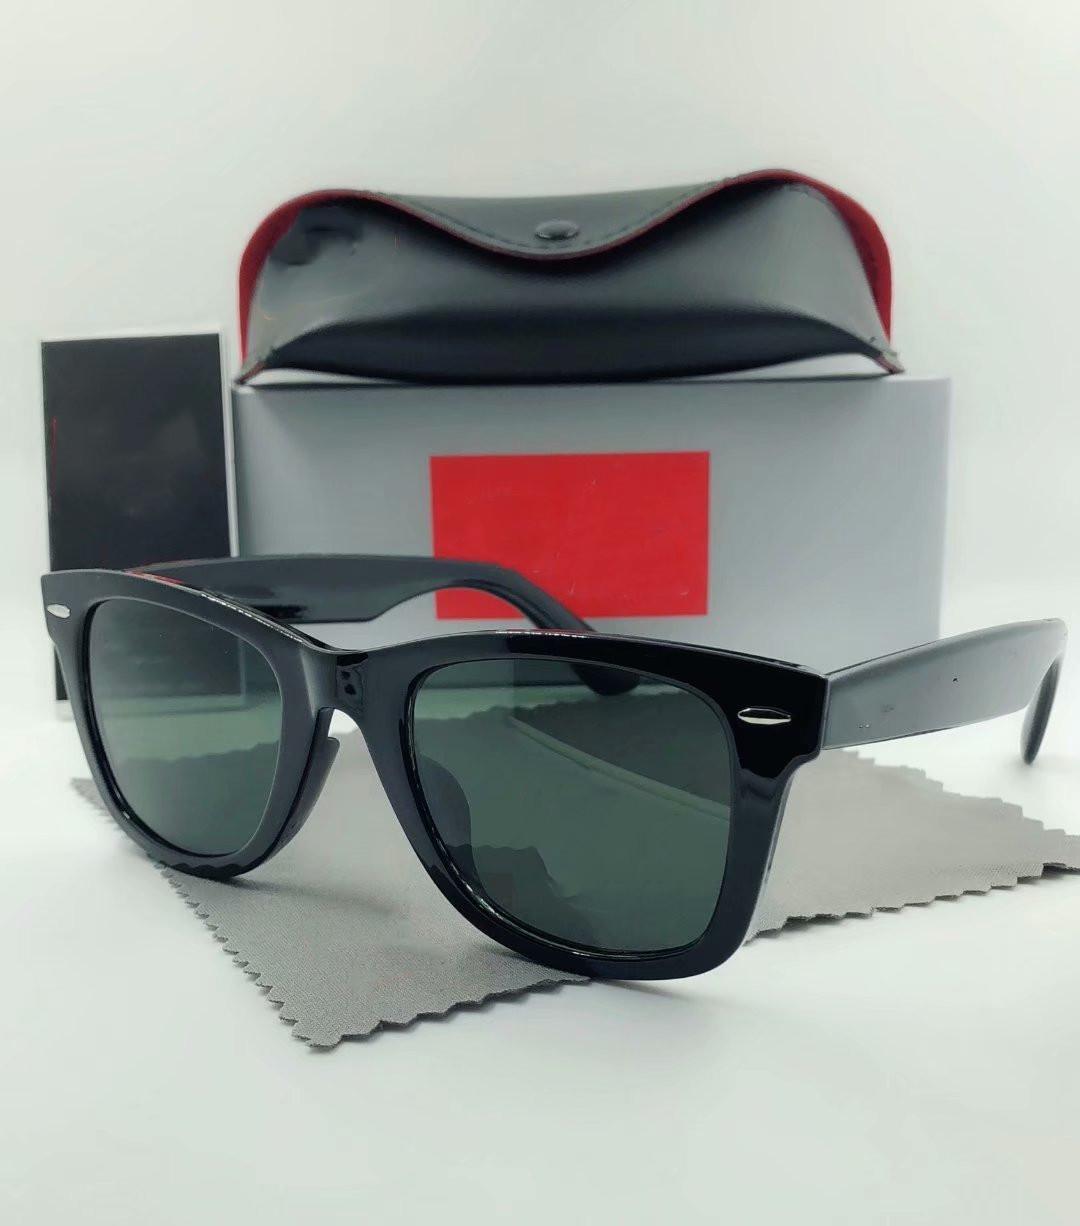 2020 En Kaliteli Sıcak Satış Kadın Güneş Gözlükleri Metal Pilot Marka YTJTDXJDX Güneş Gözlüğü Anti-Yansıtıcı Açık Sunglass Hızlı Kargo